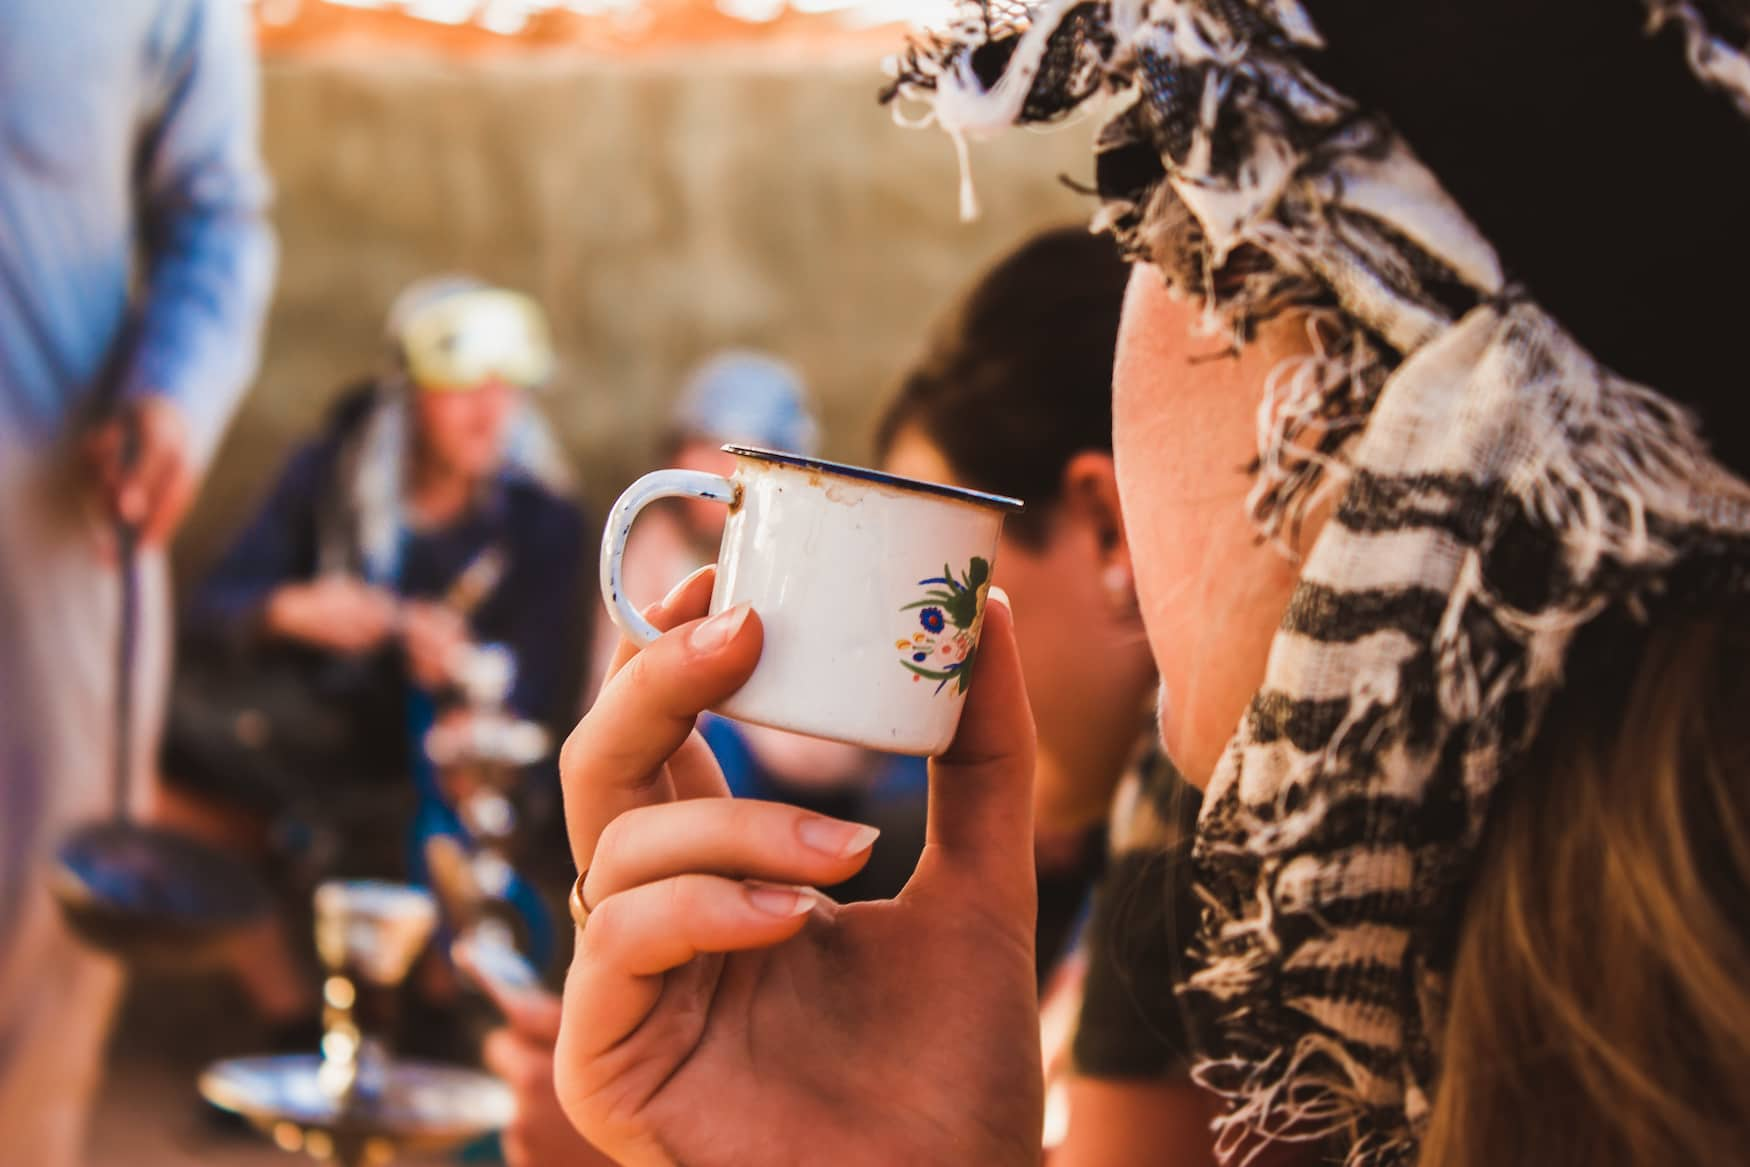 Touristin trinkt Ingwer-Tee aus einer Emaille-Tasse im Wadi el Gemal Nationalpark